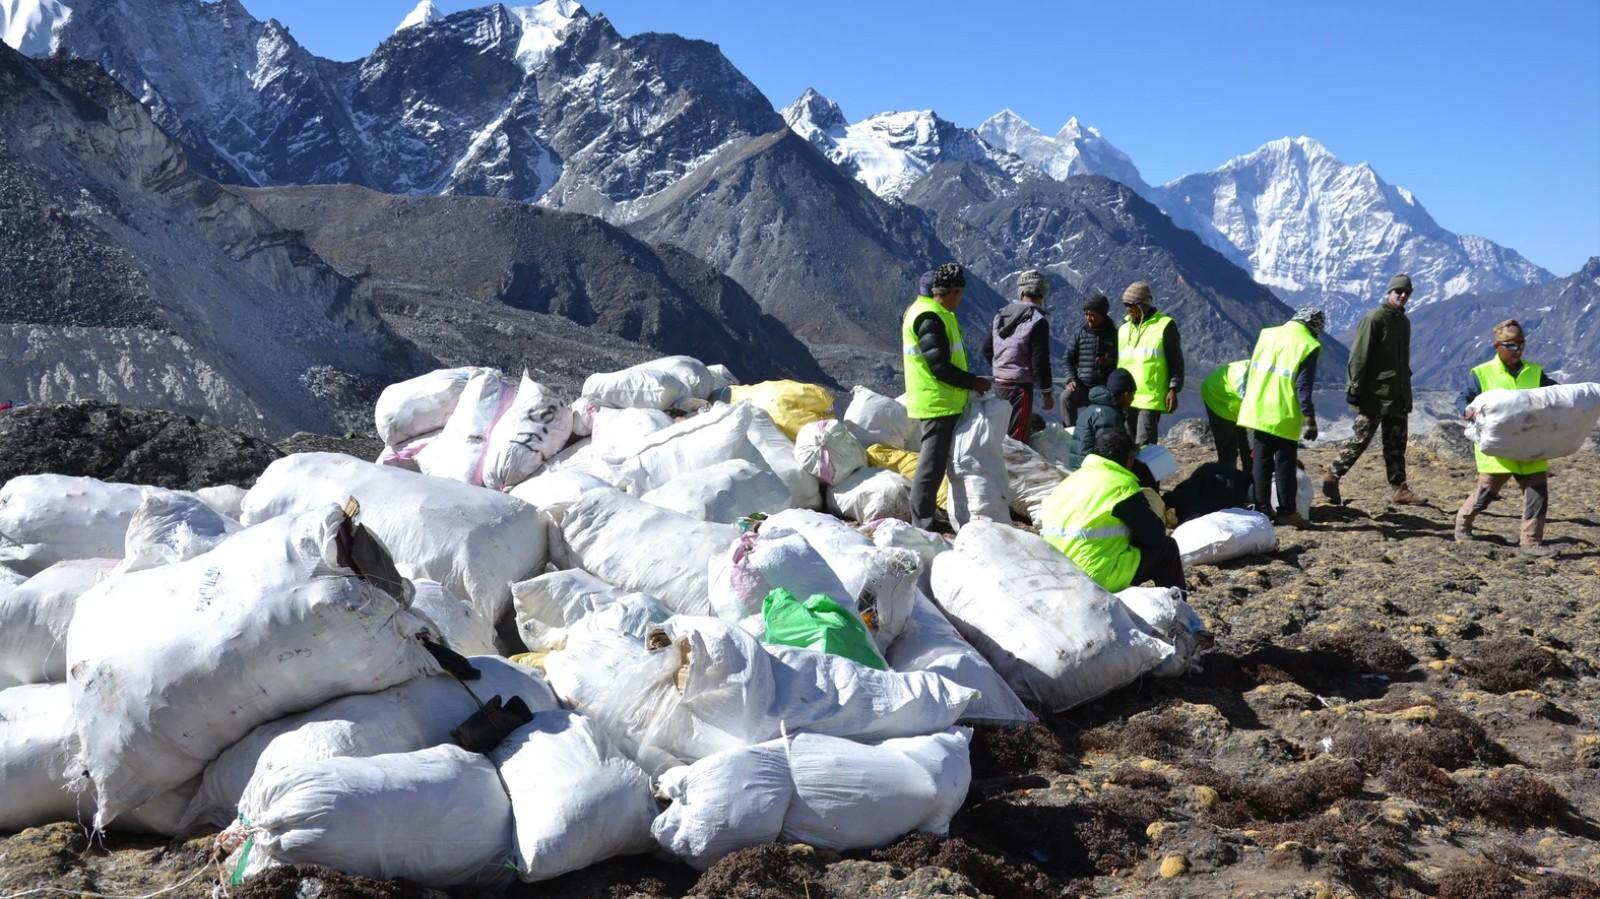 Ripulire l'Everest da immondizia e cadaveri sta diventando sempre più complicato